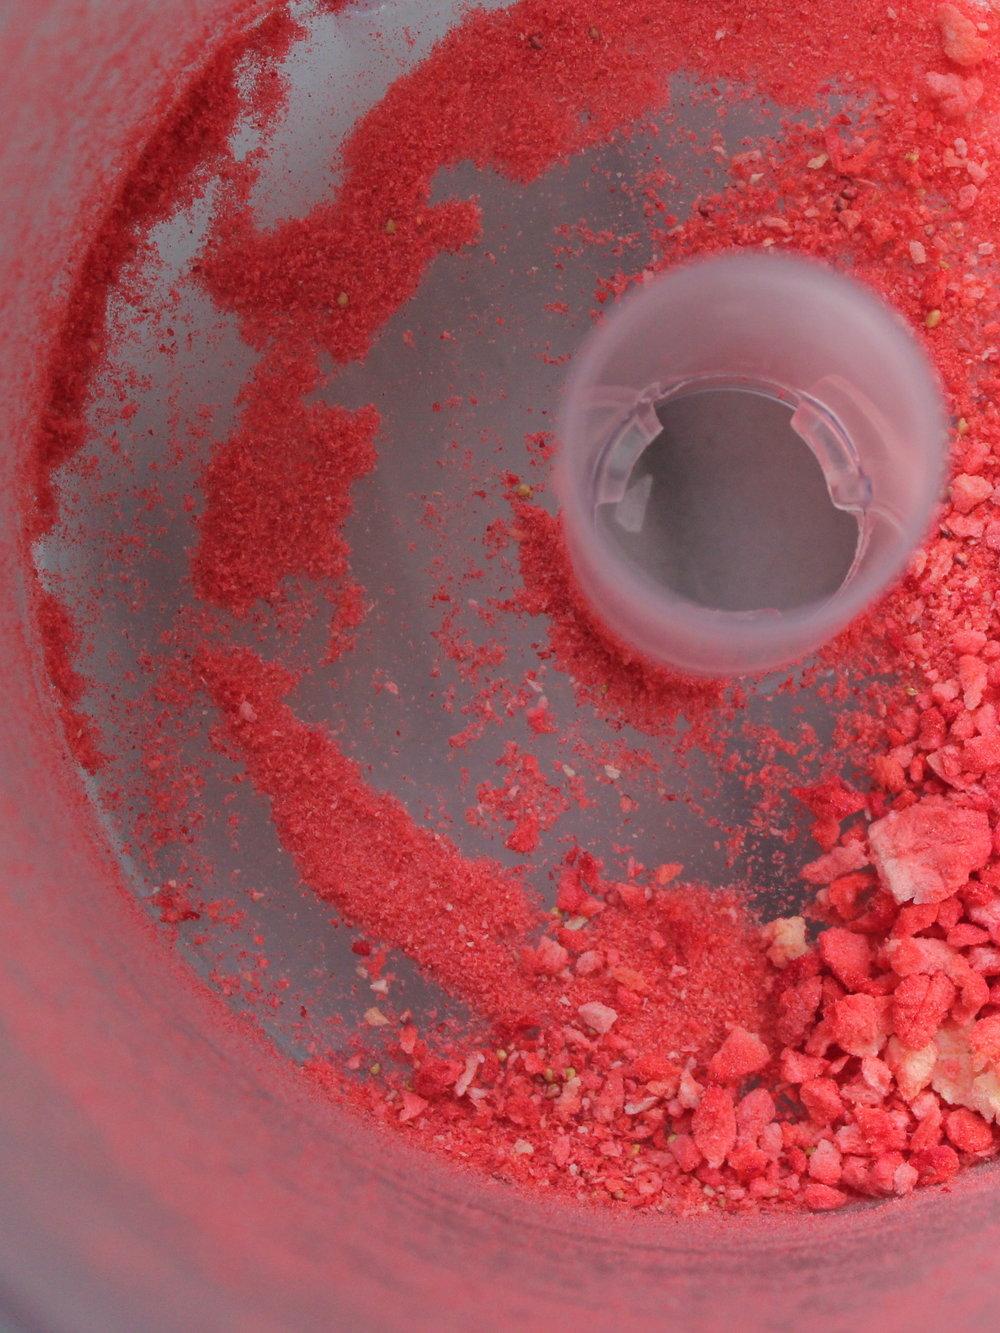 freeze dried strawberry sprinkles